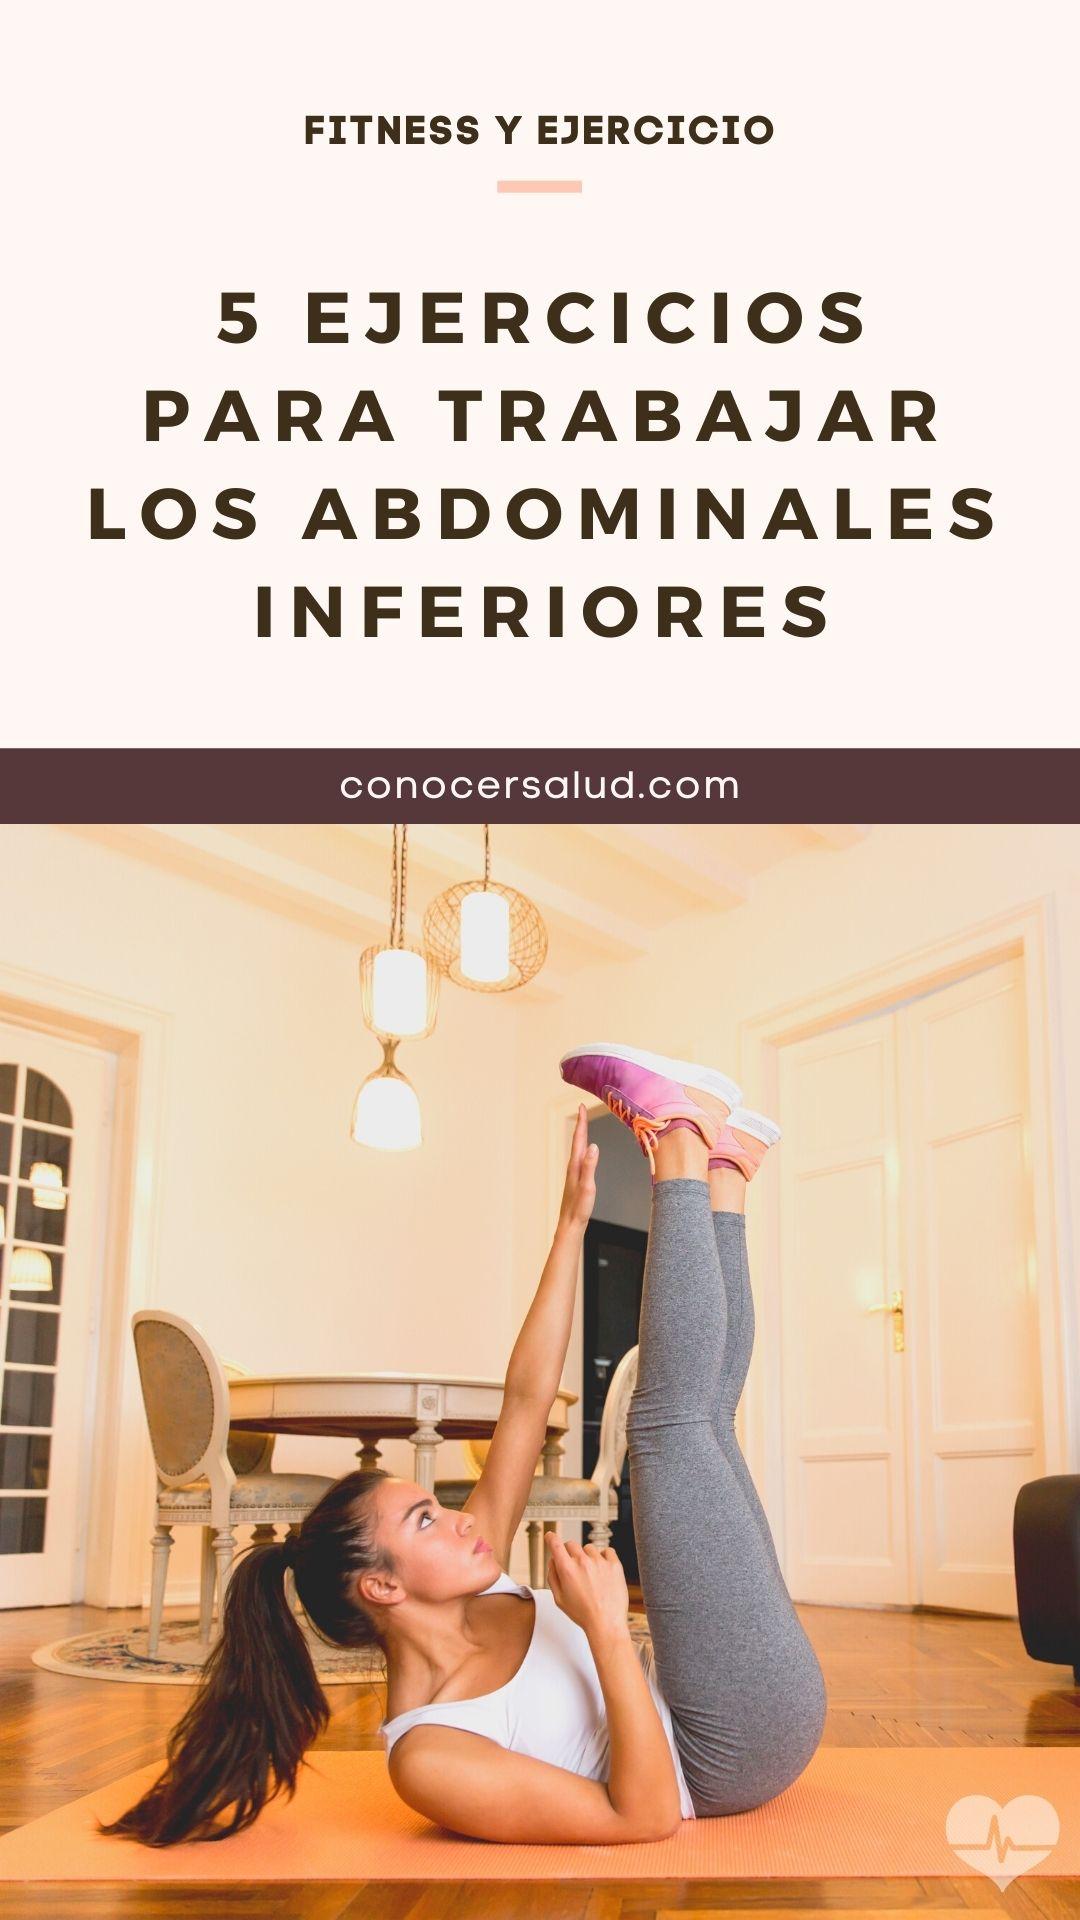 5 ejercicios para trabajar los abdominales inferiores